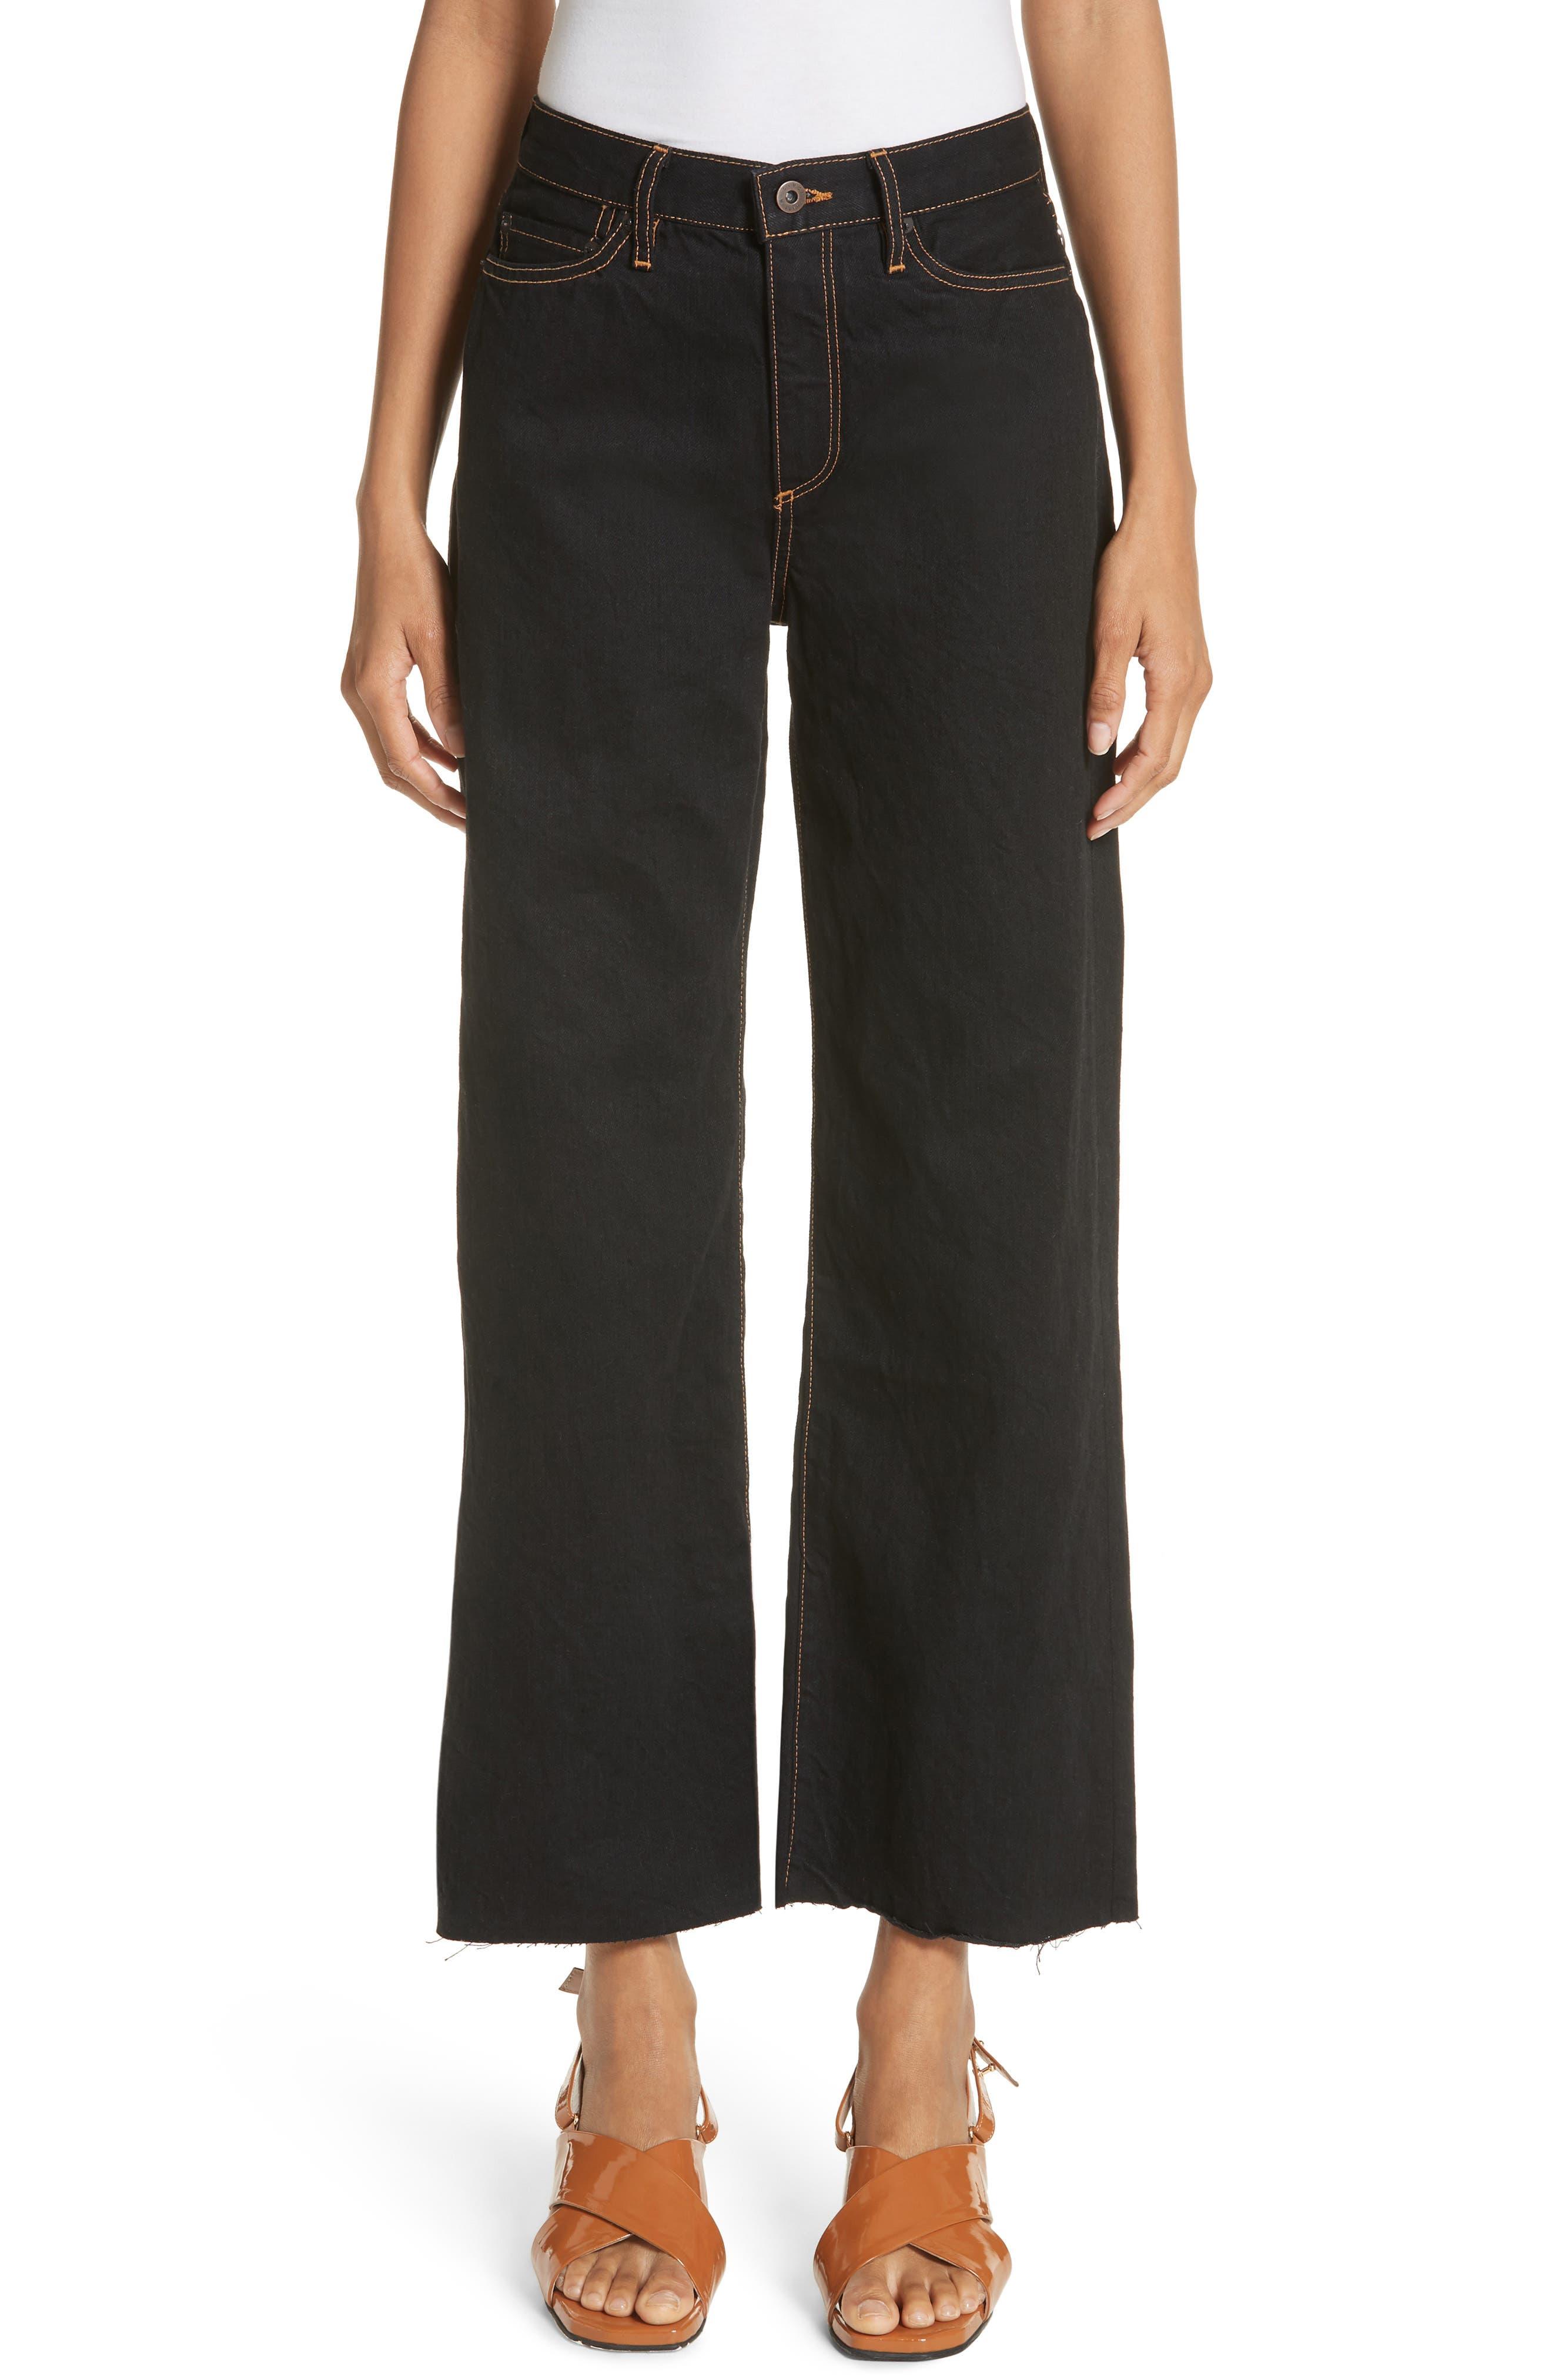 Dever Contrast Stitch Wide Leg Jeans,                         Main,                         color,